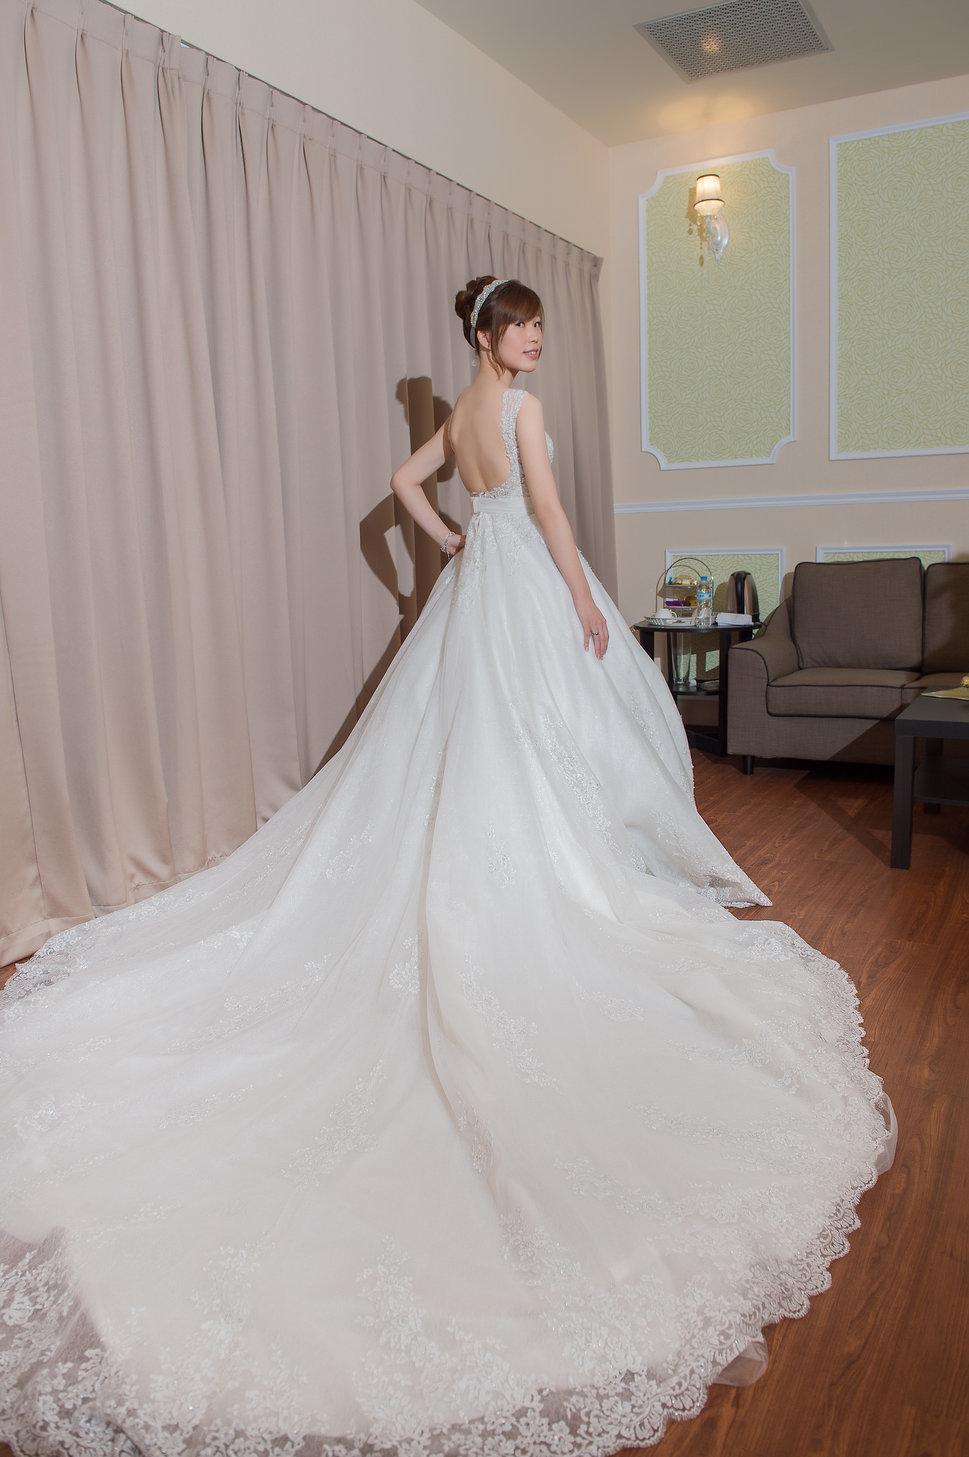 [桃園婚攝] 文訂迎娶&內壢海豐餐廳(編號:433228) - LoveStoryAllen IMAGE - 結婚吧一站式婚禮服務平台